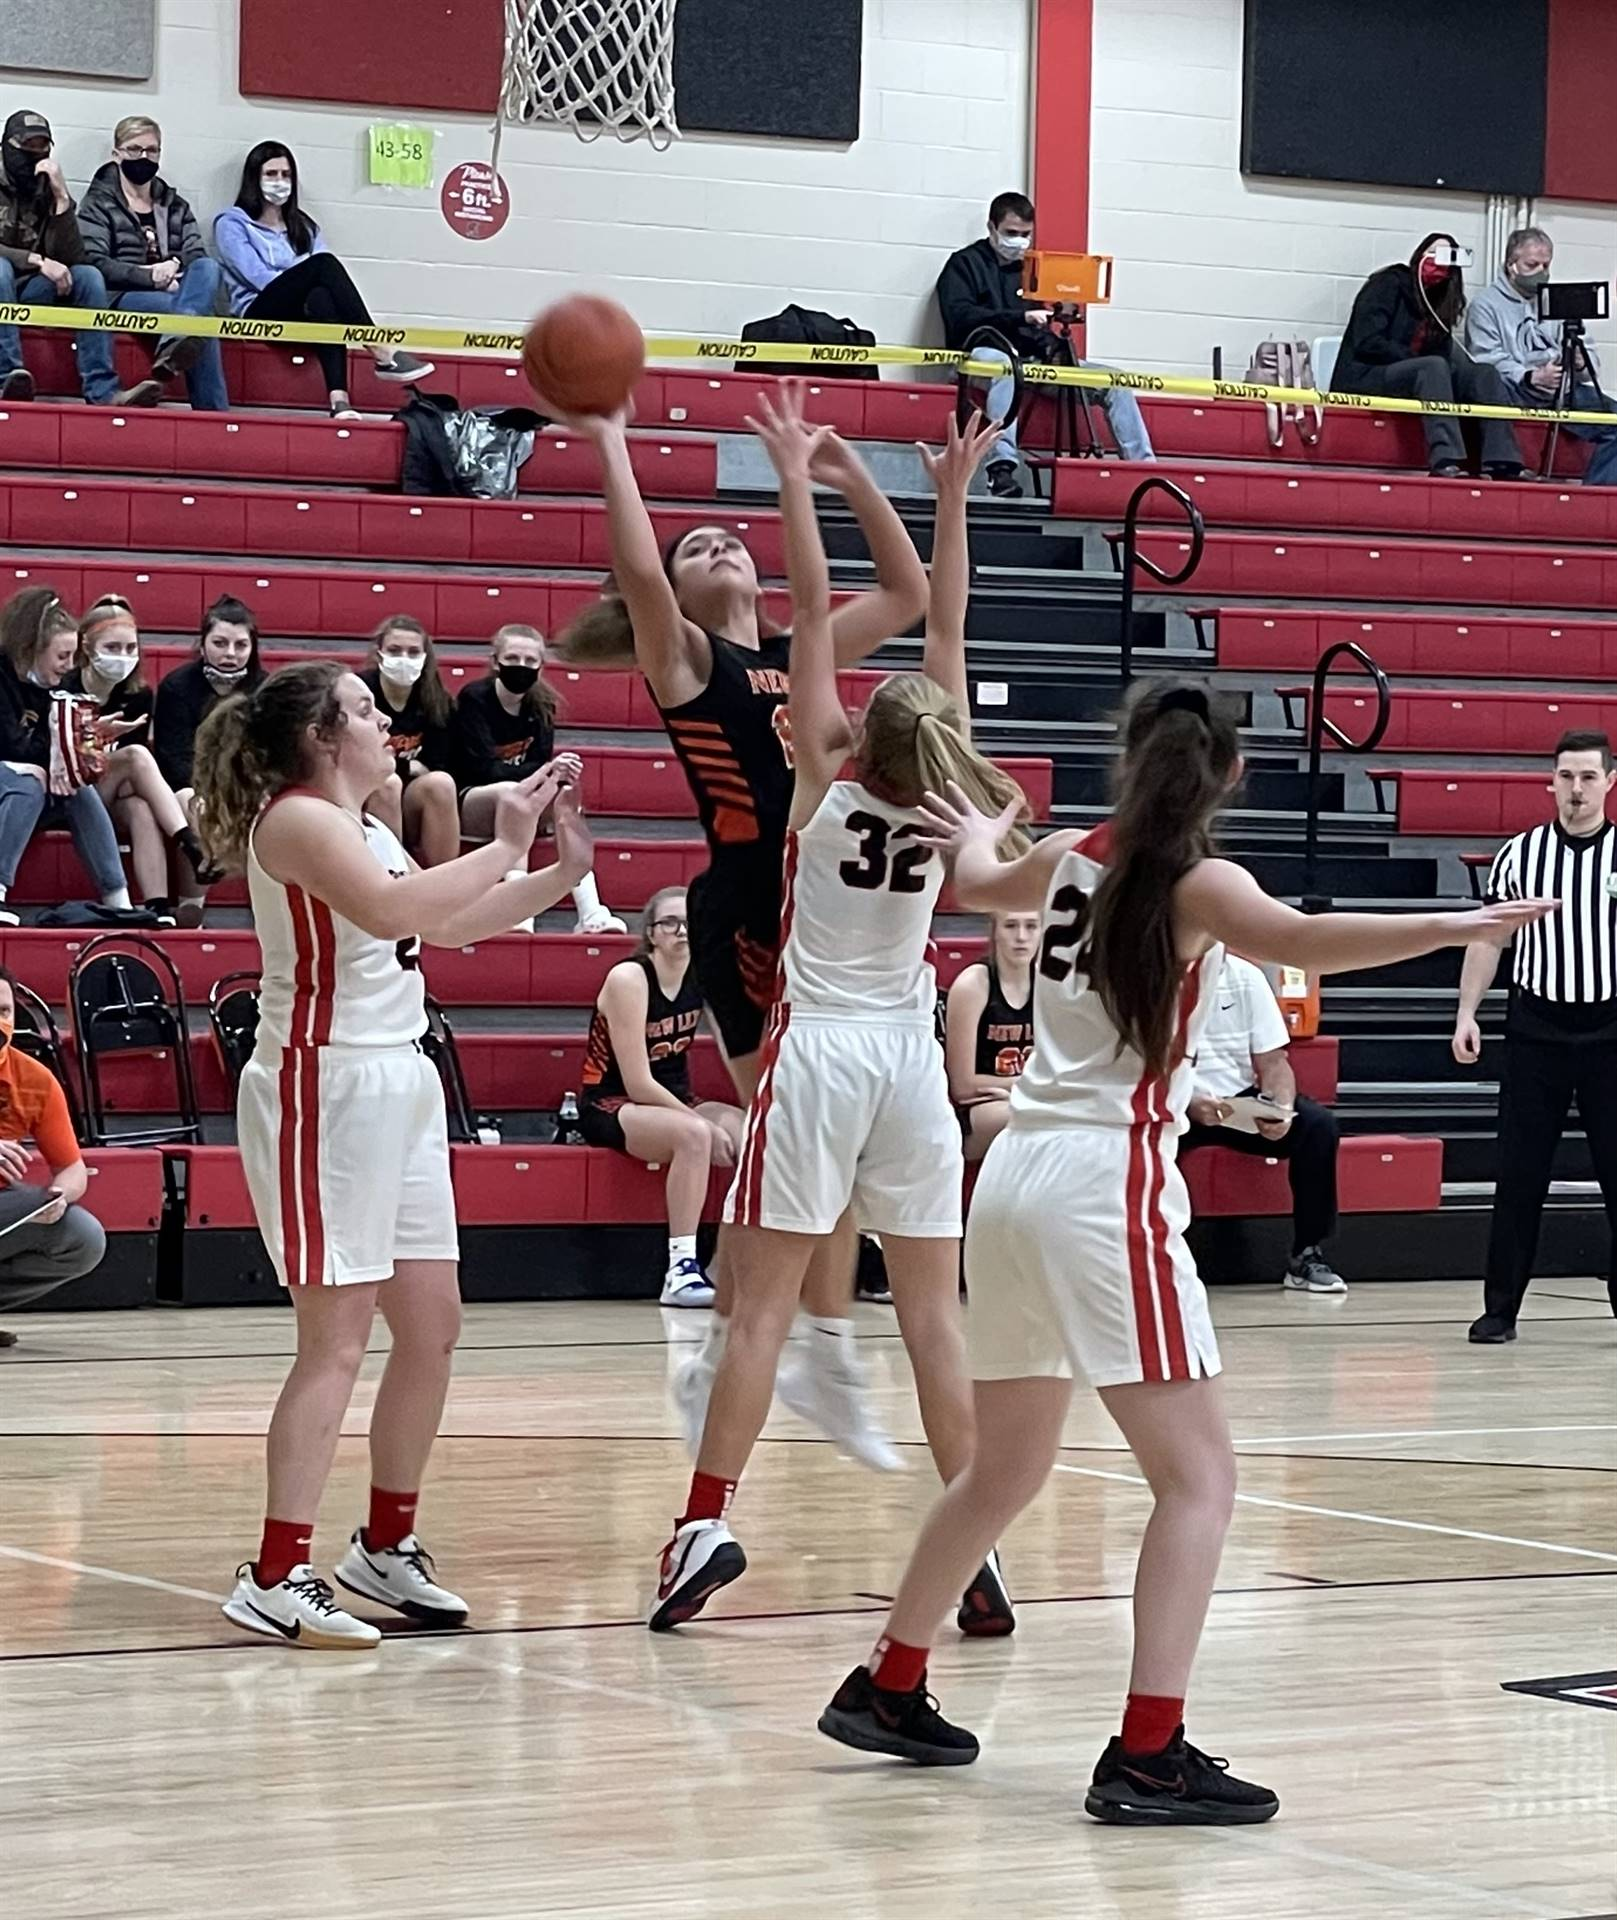 Varsity Girls Basketball taking on Alexander